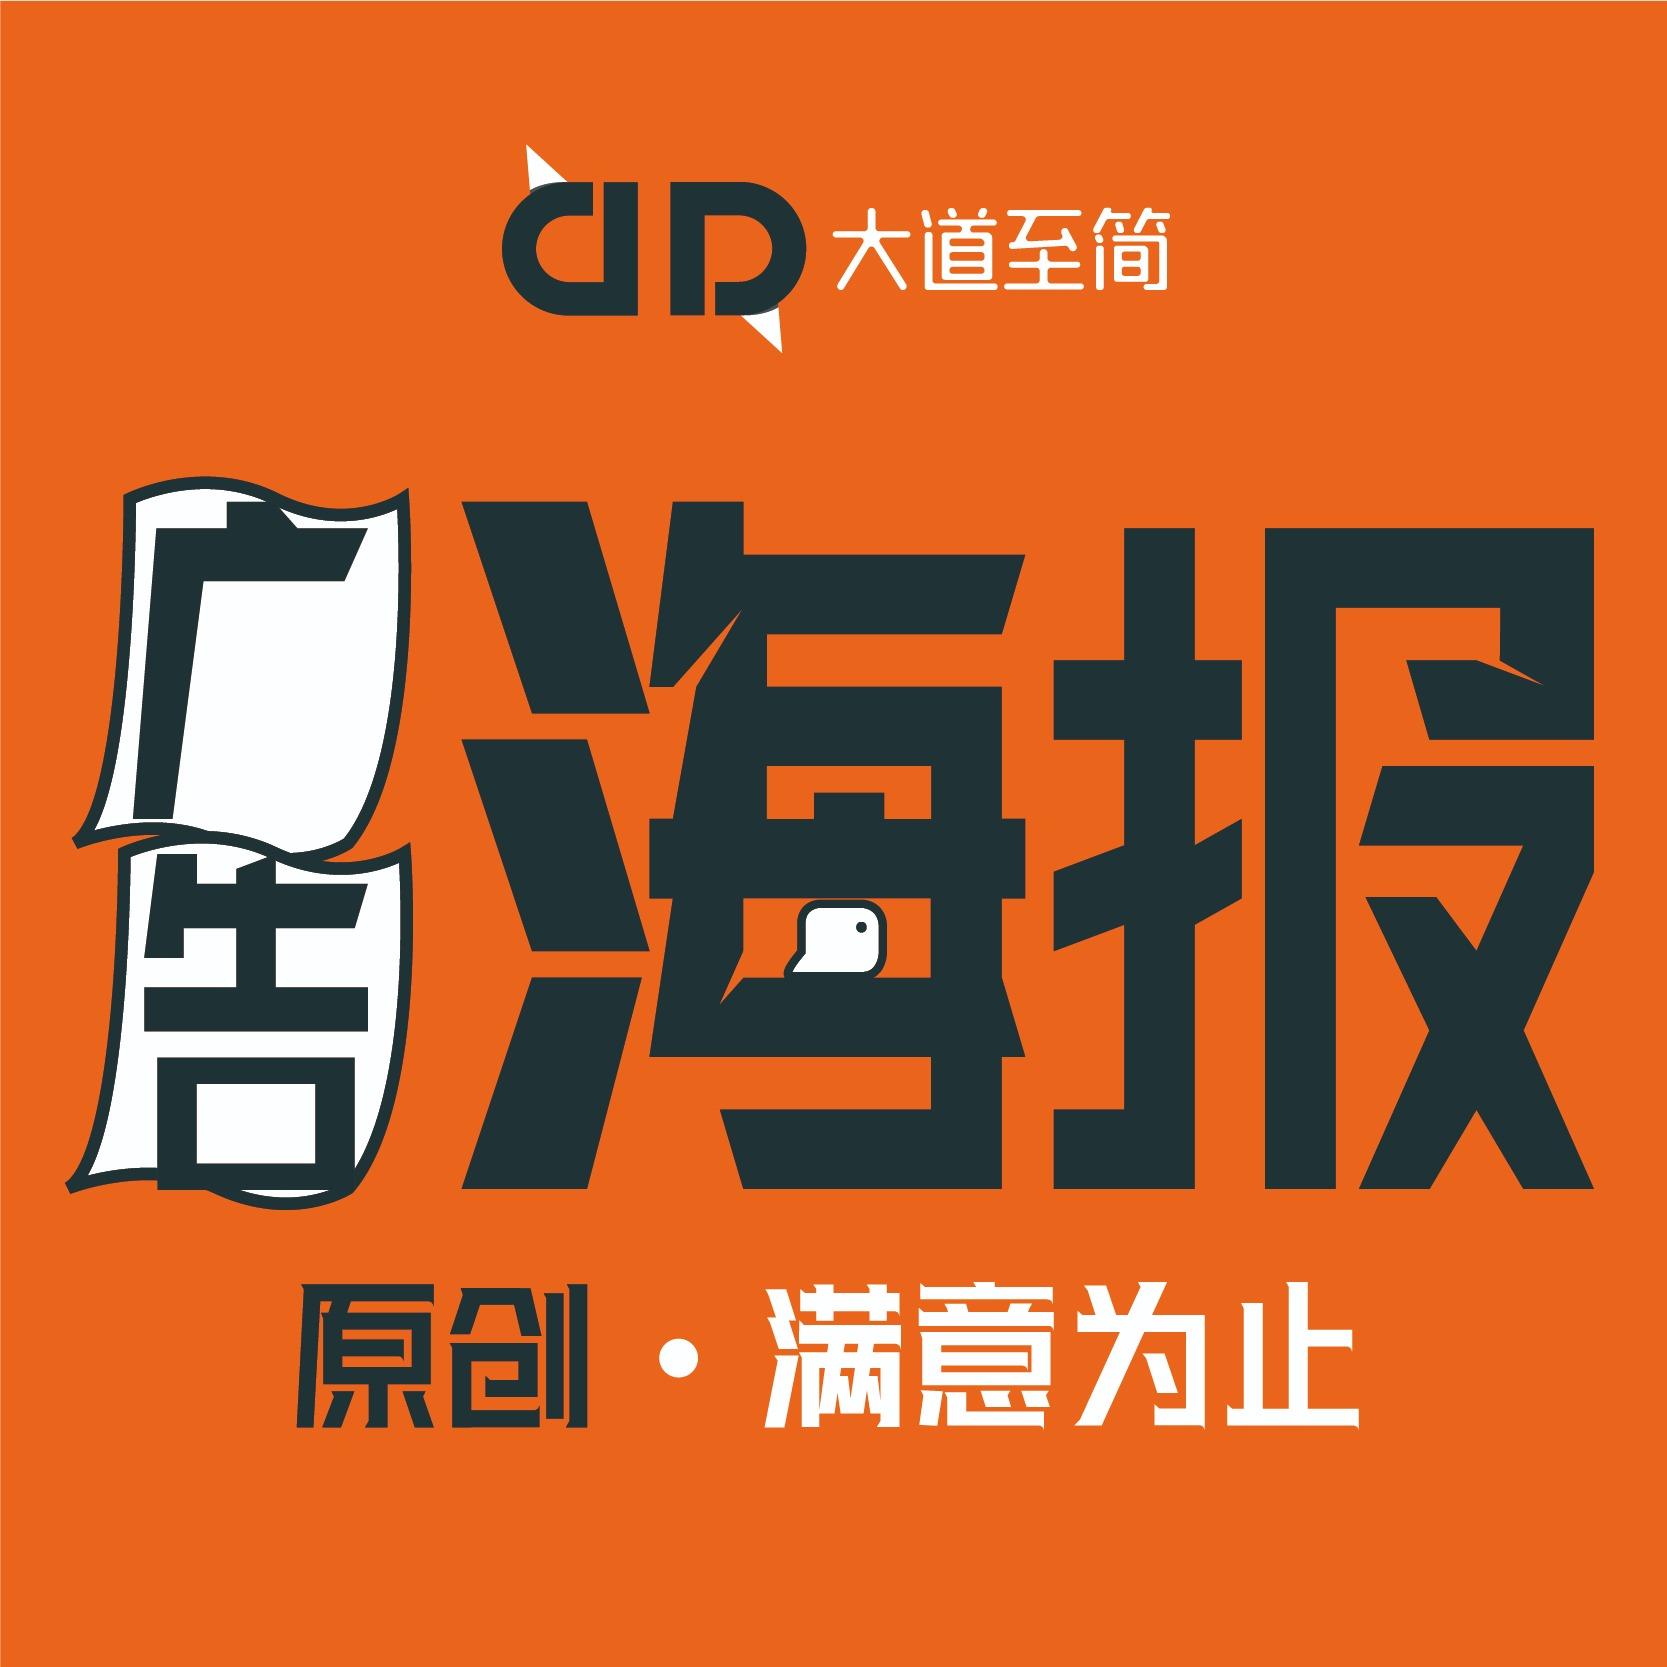 平面海报画册设计logo插画手绘包装广告设计PPT排版美工